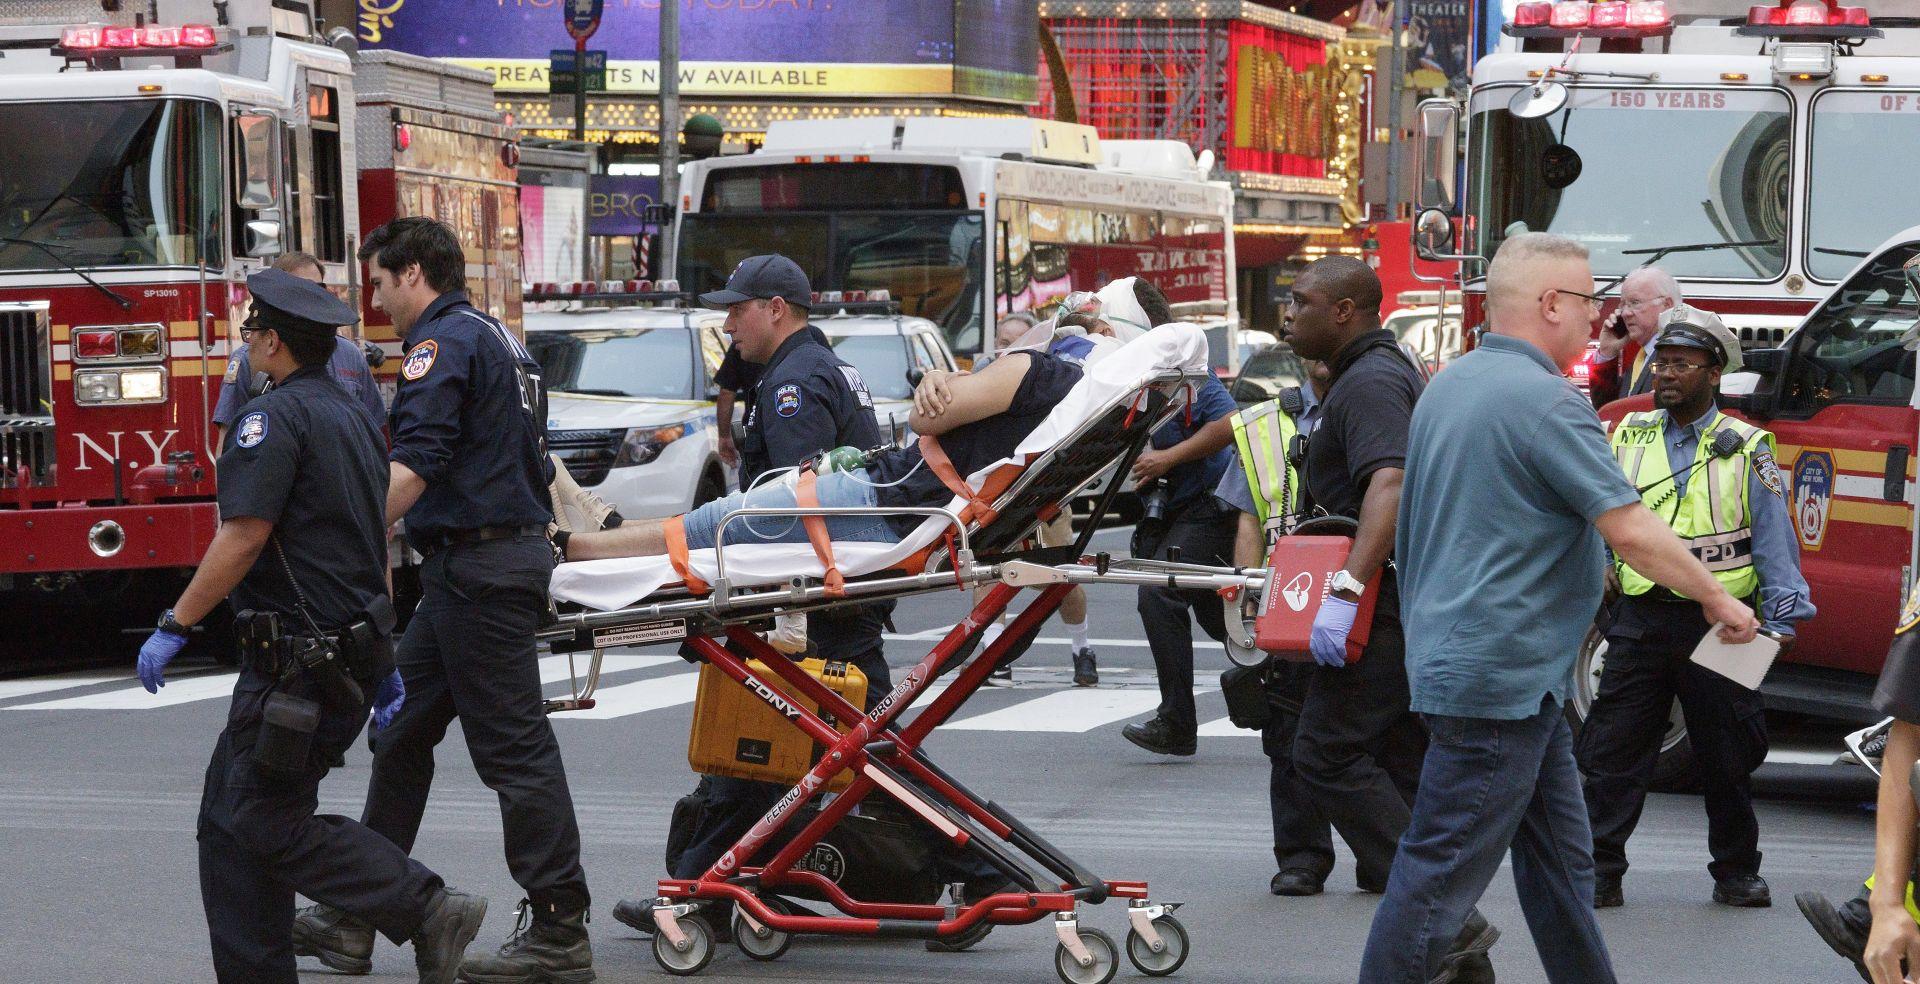 Divljanje automobilom po Times Squareu, troje u kritičnom stanju